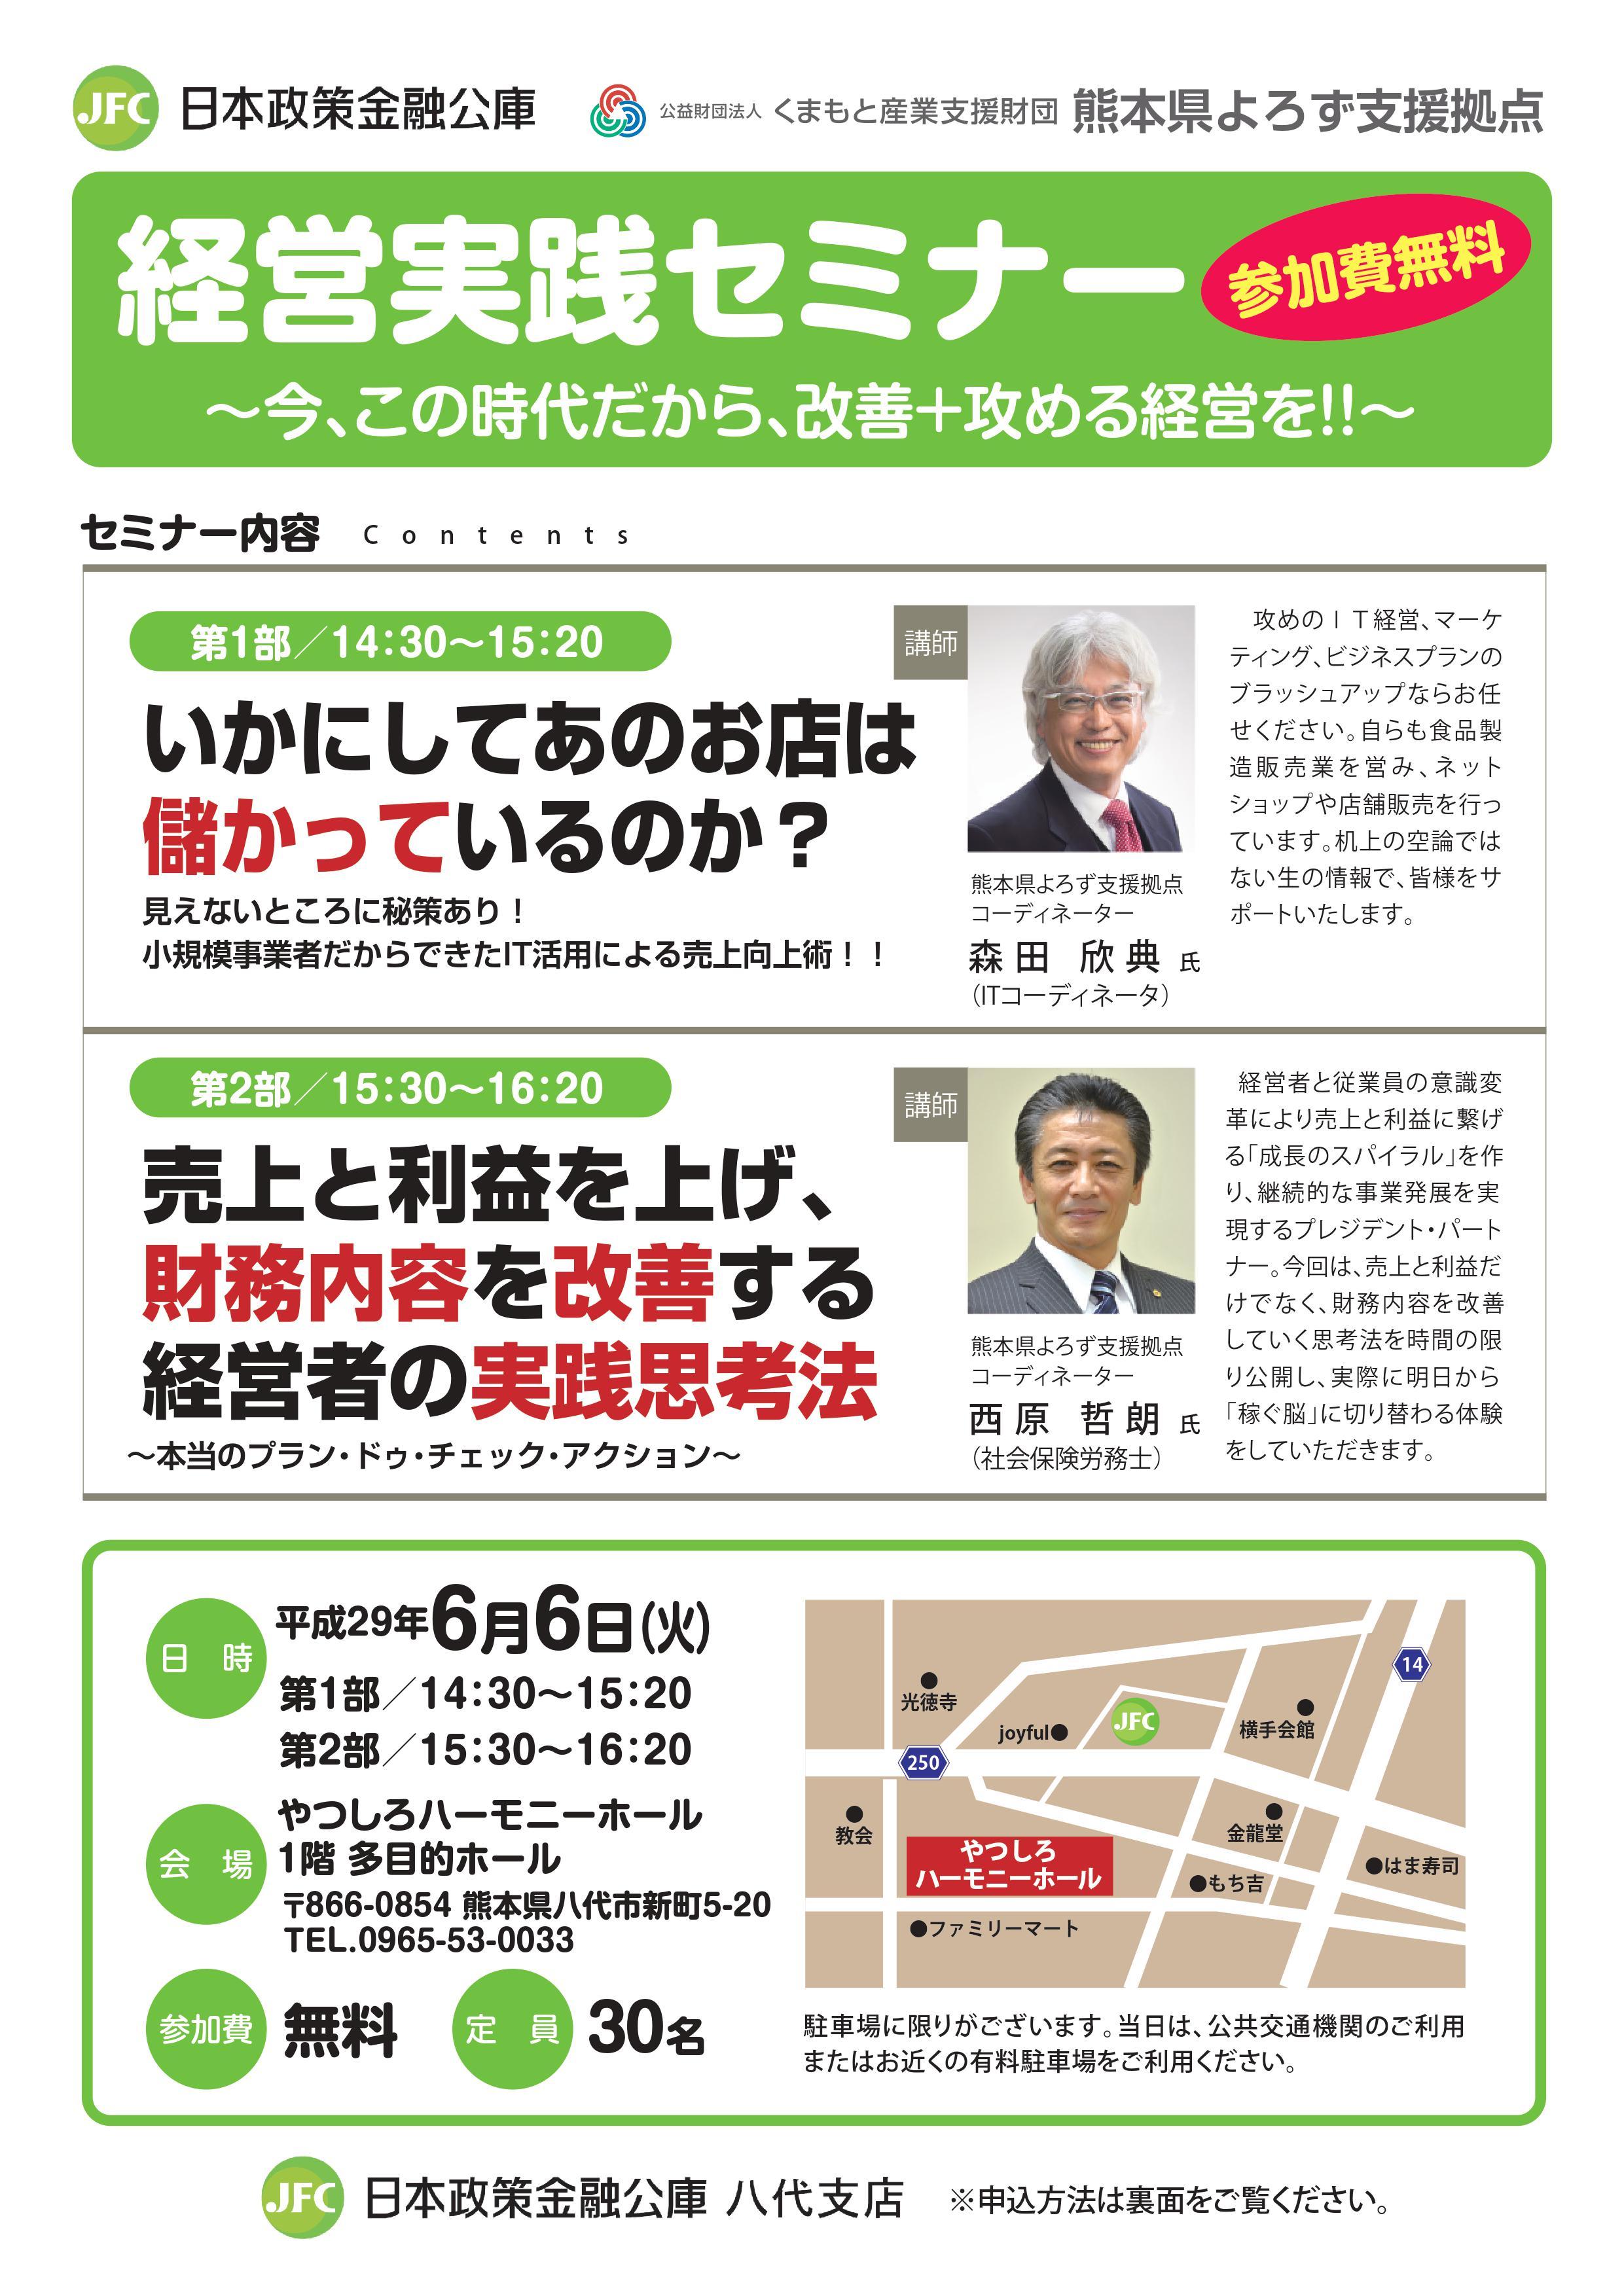 公庫 金融 日本 熊本 政策